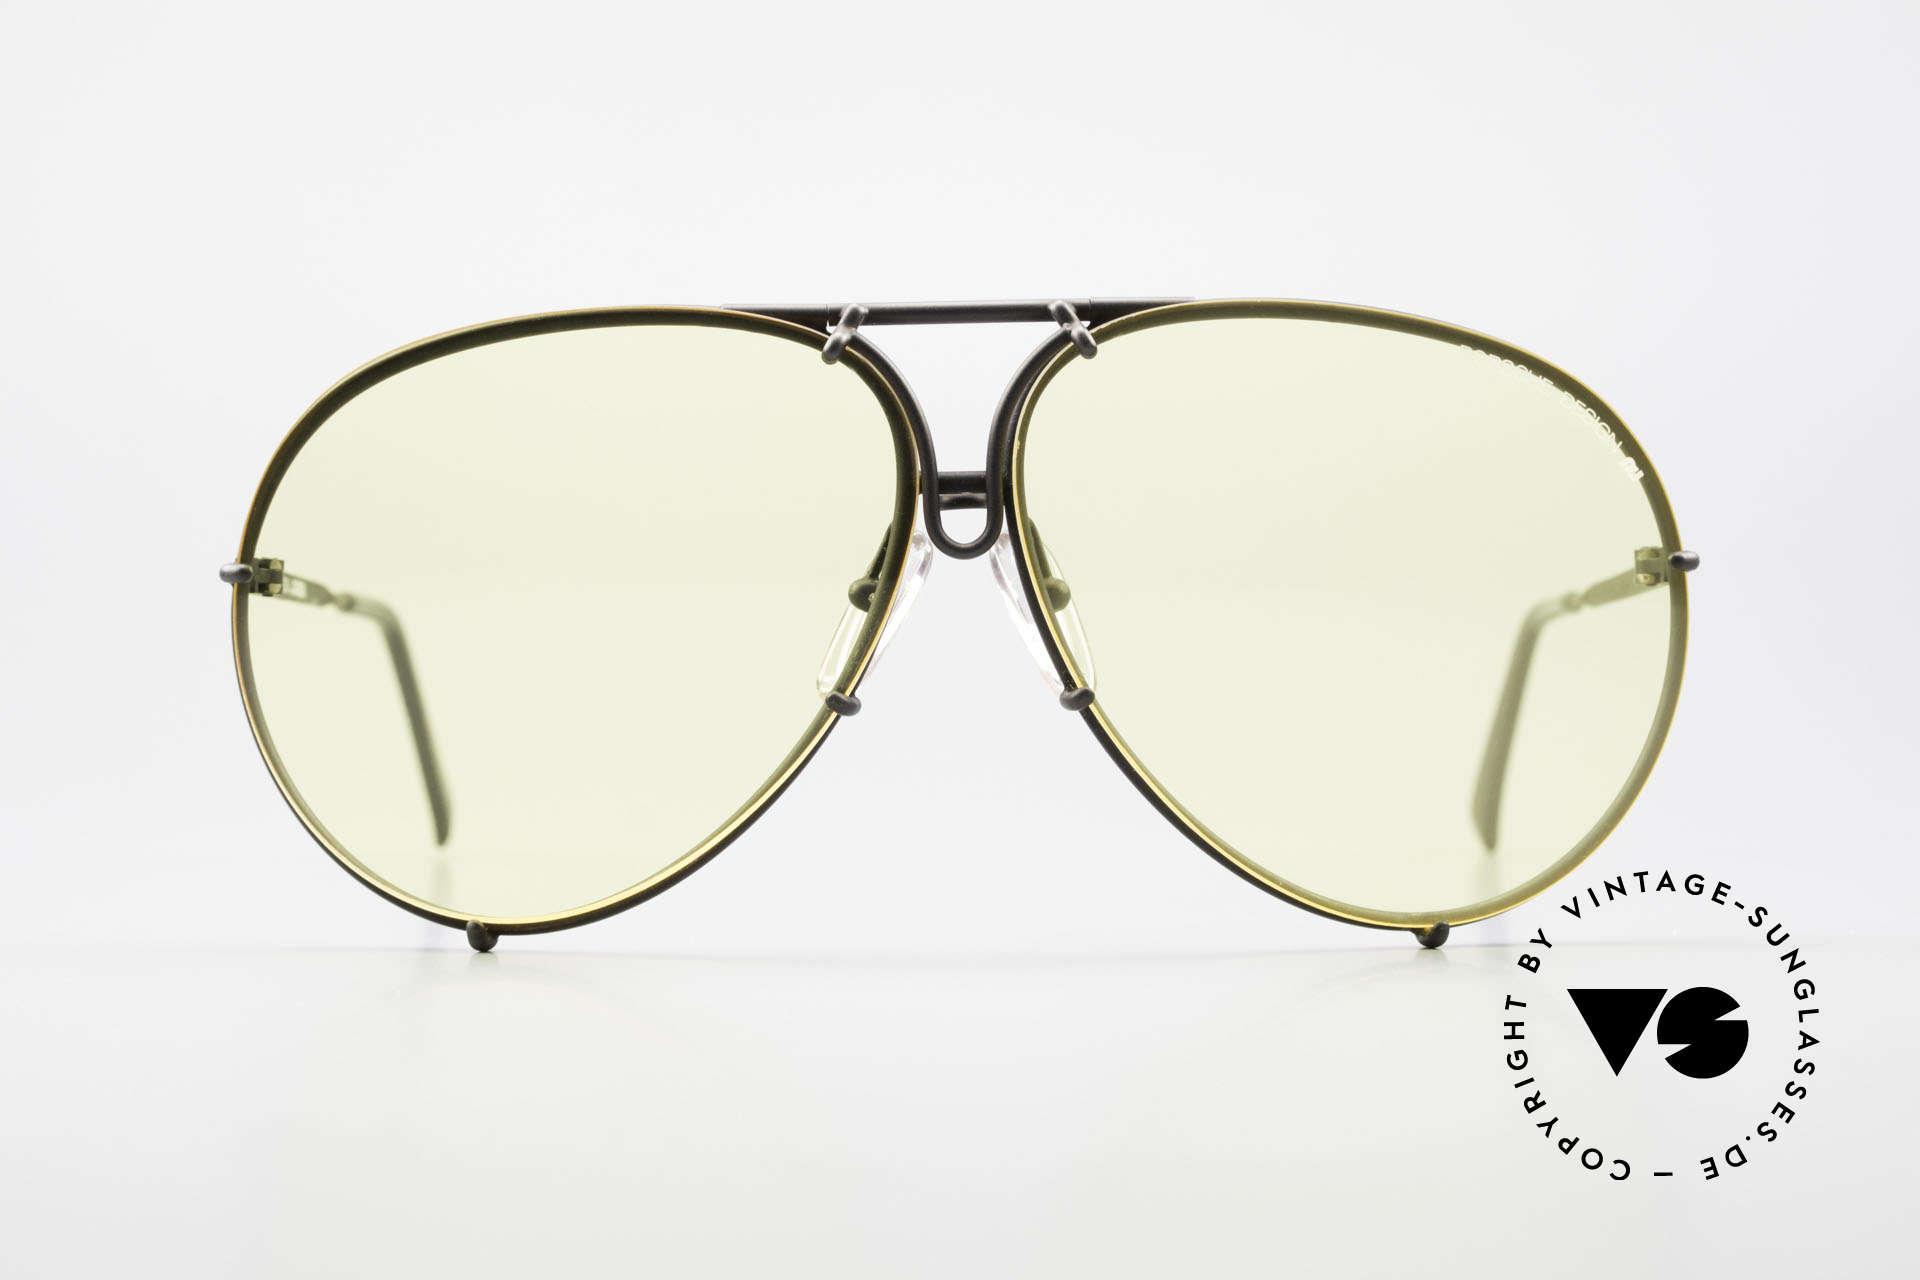 Porsche 5621 Gelbe Gläser Kalichrome 80er, ein echter Sonnenbrillen-Klassiker in mattschwarz, Passend für Herren